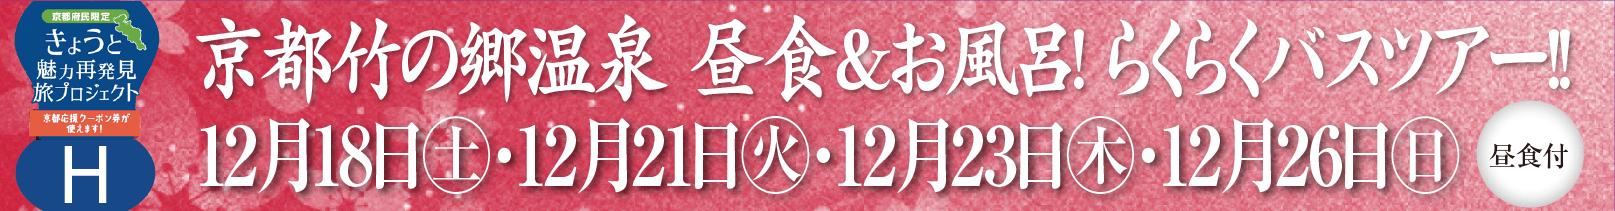 H: わかばの岡崎十石舟 & 京都 南座「春の舞台体験ツアー」